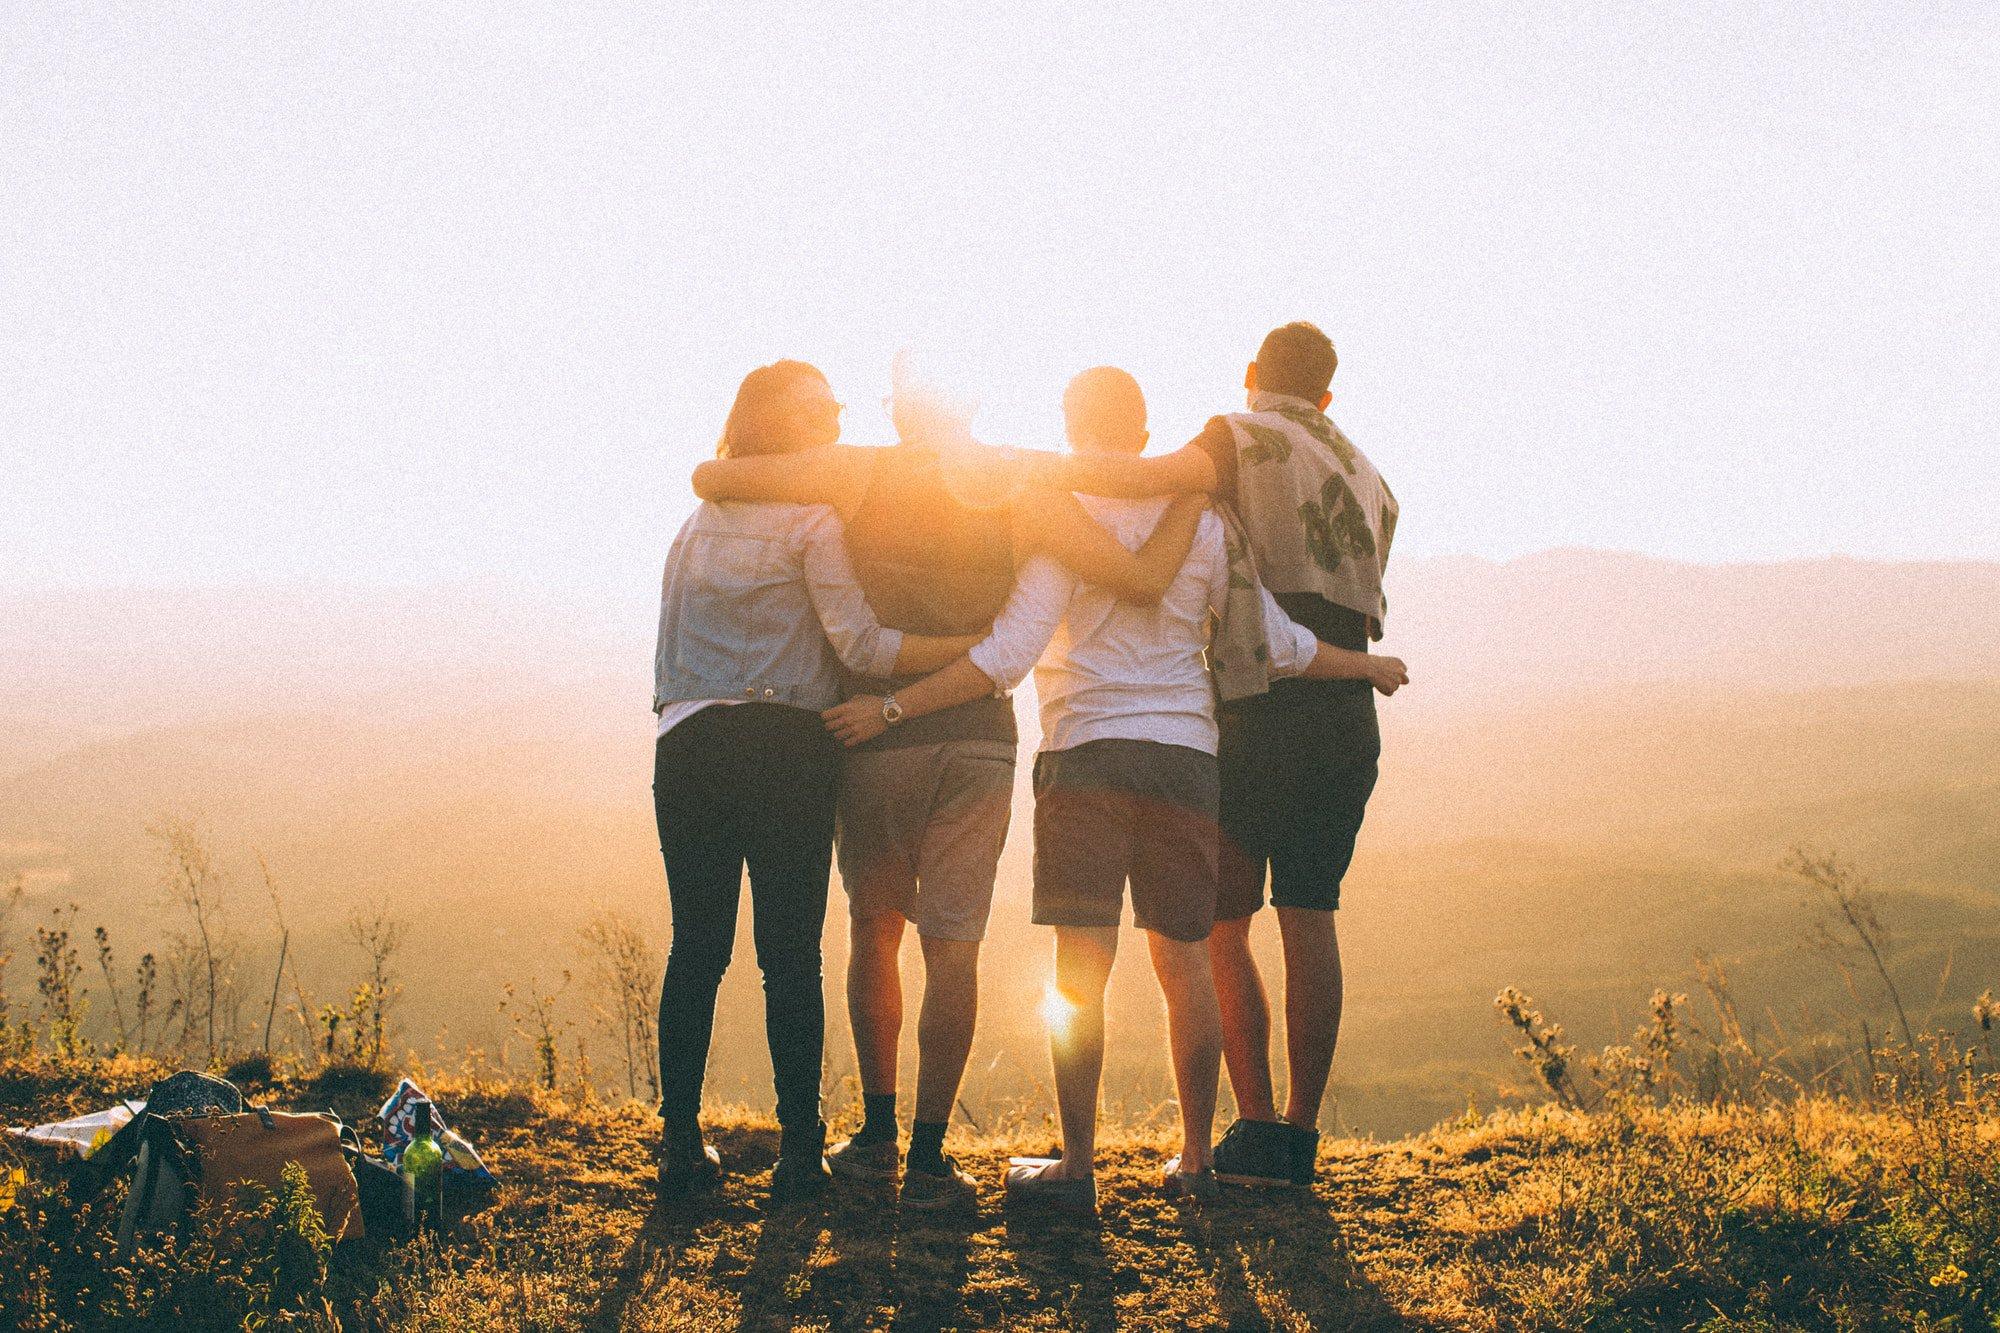 ¡Haz feliz a otras personas y conseguirás la verdadera felicidad!